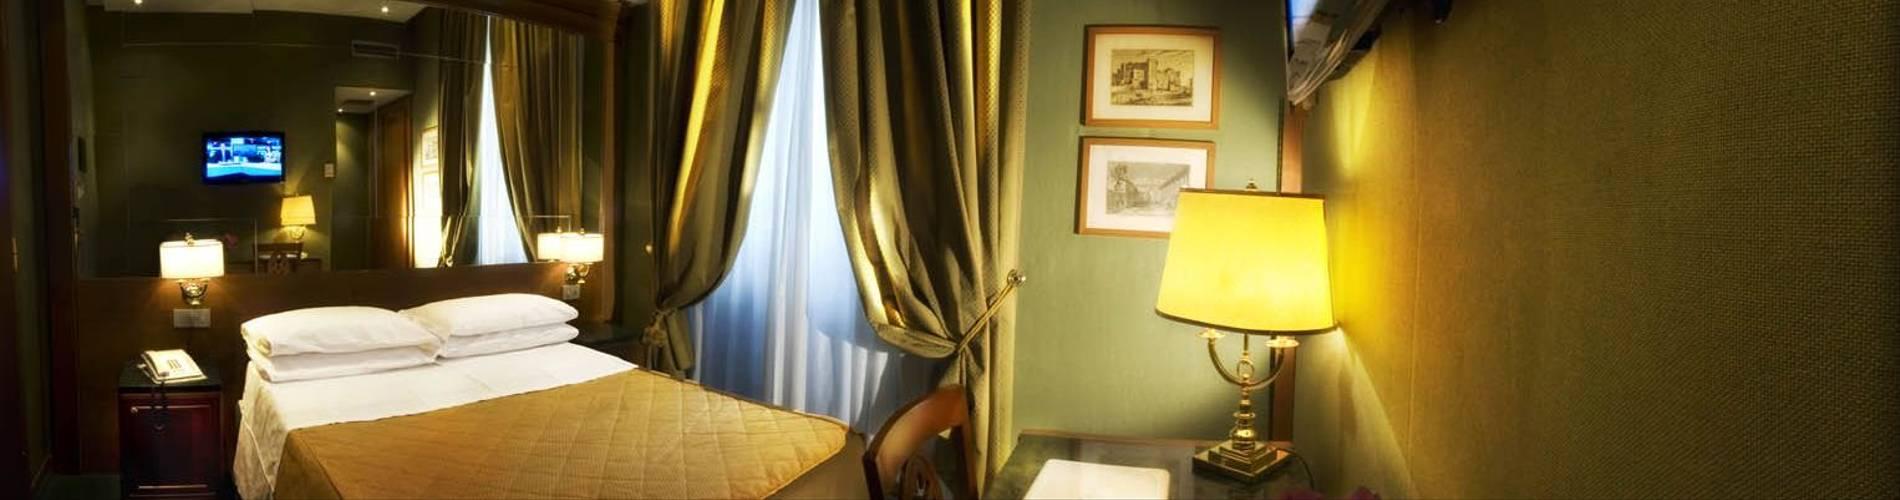 Hotel Morgana 6.jpg